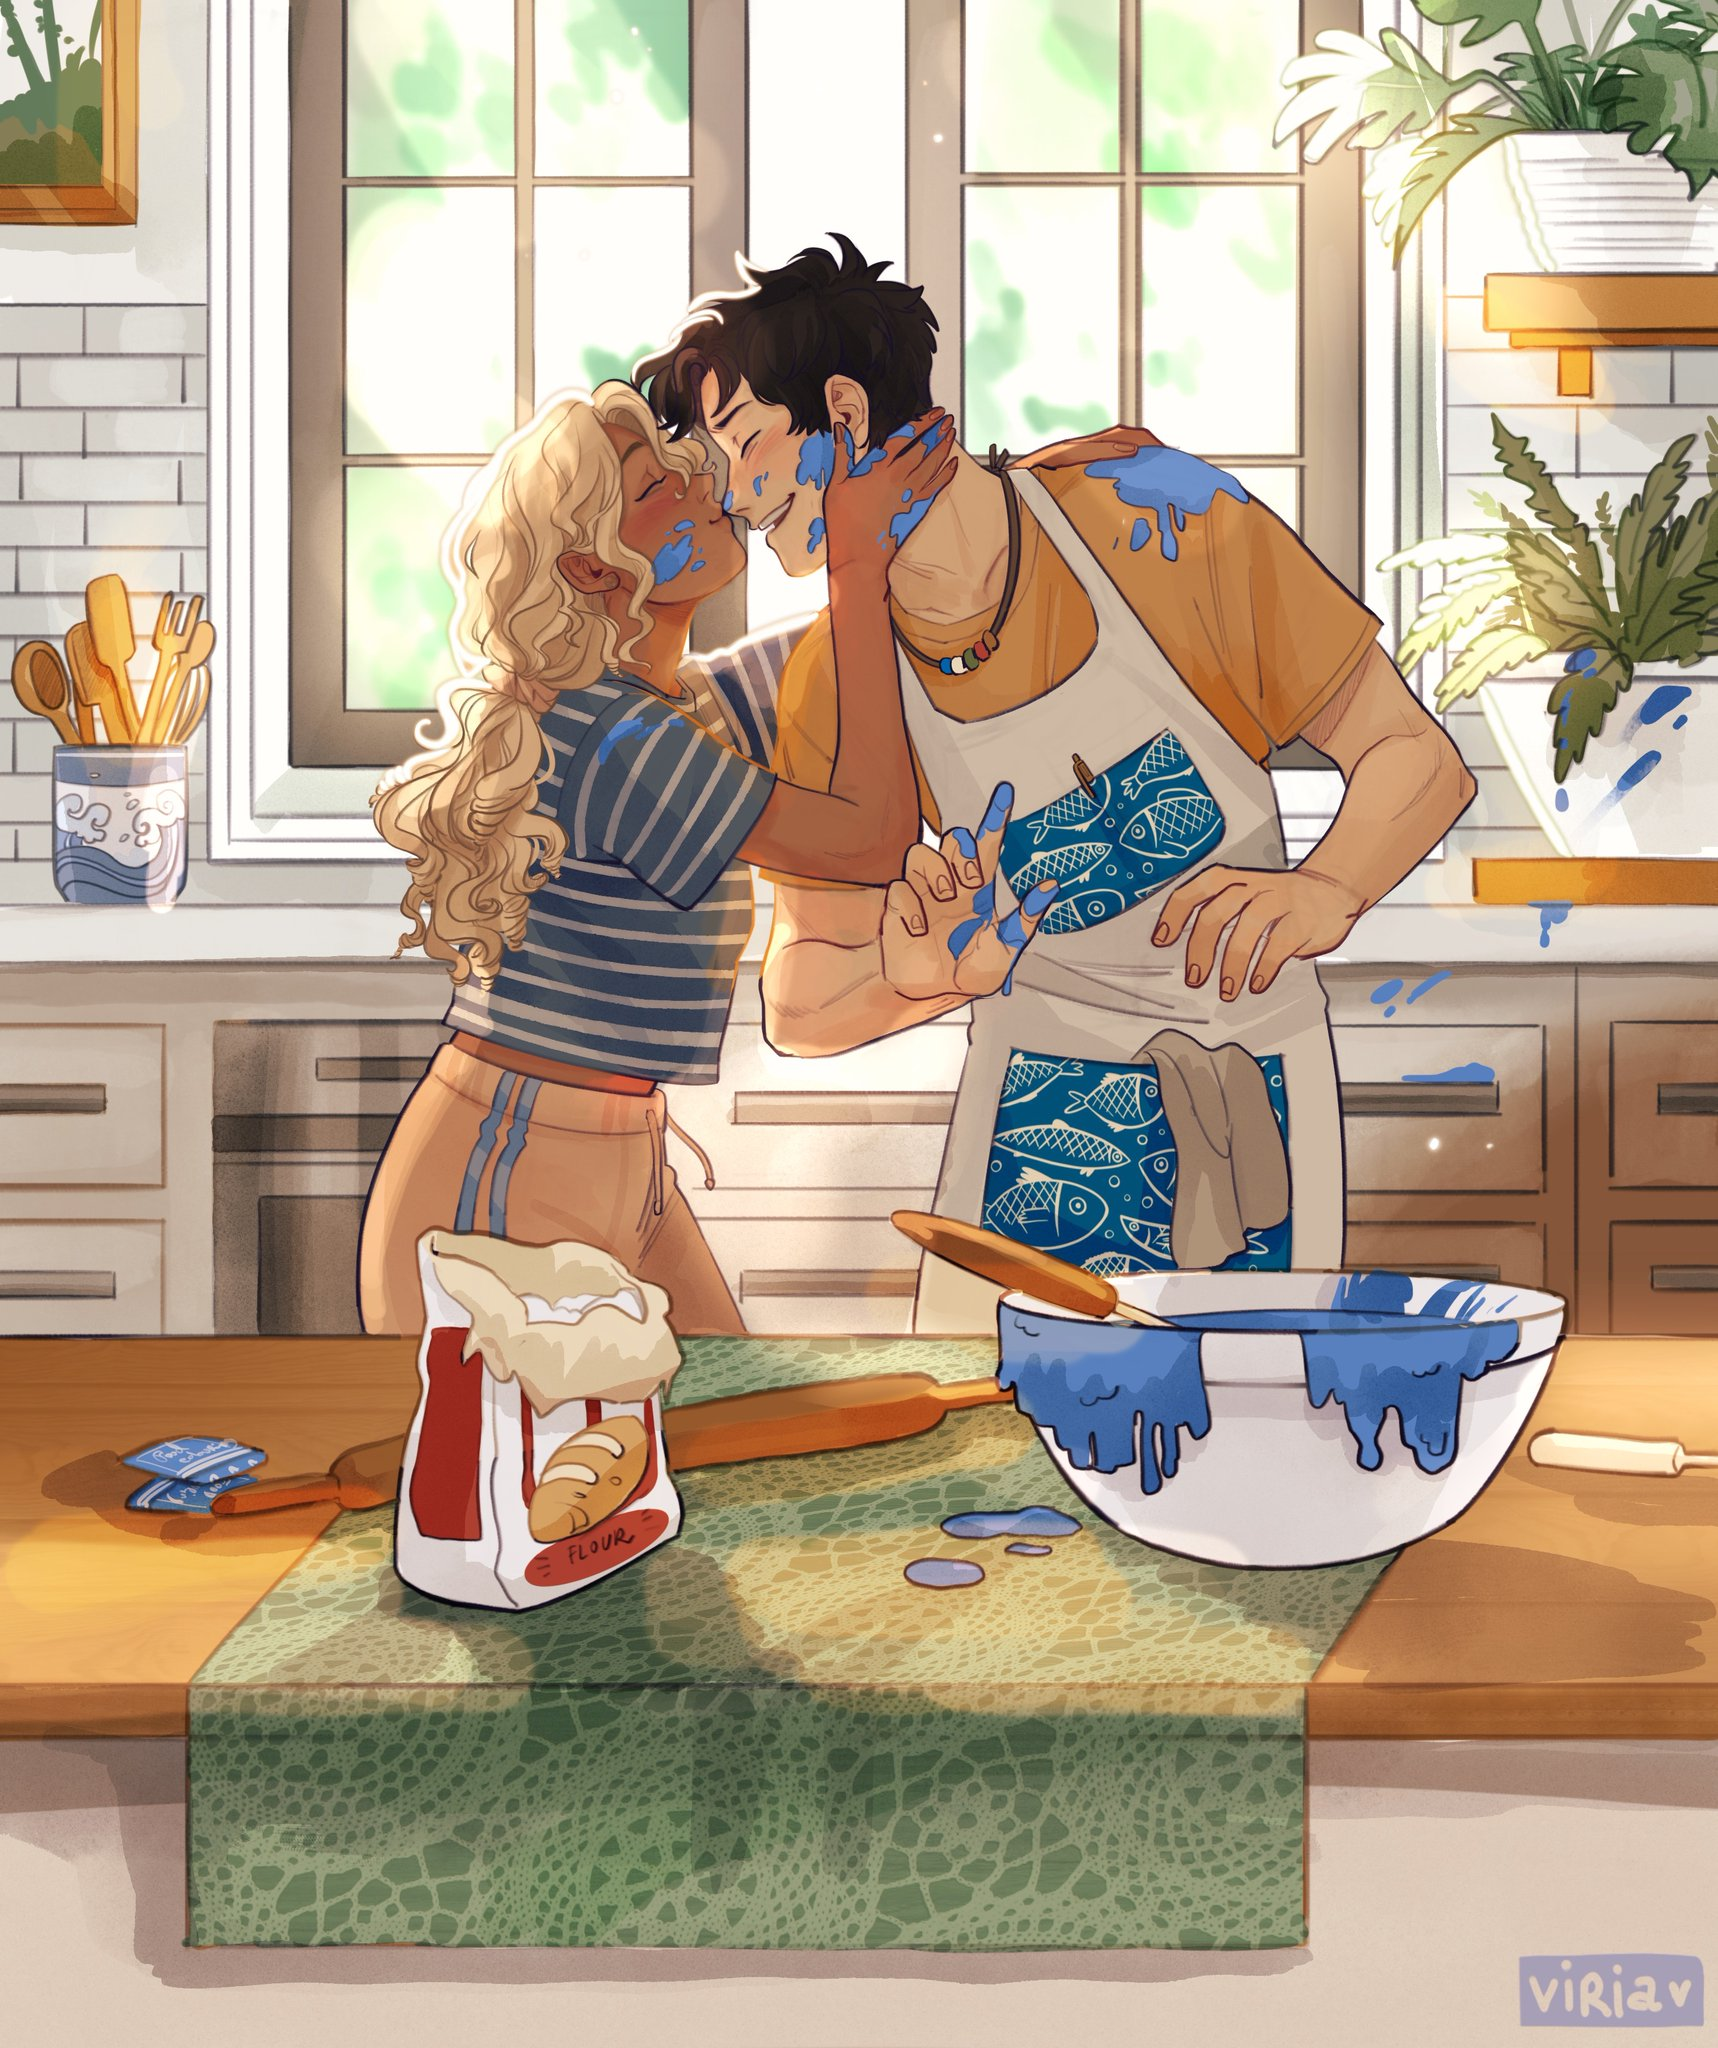 Ilustración de Annabeth Chase y Percy Jackson, por Viria (viria94 en Instagram).